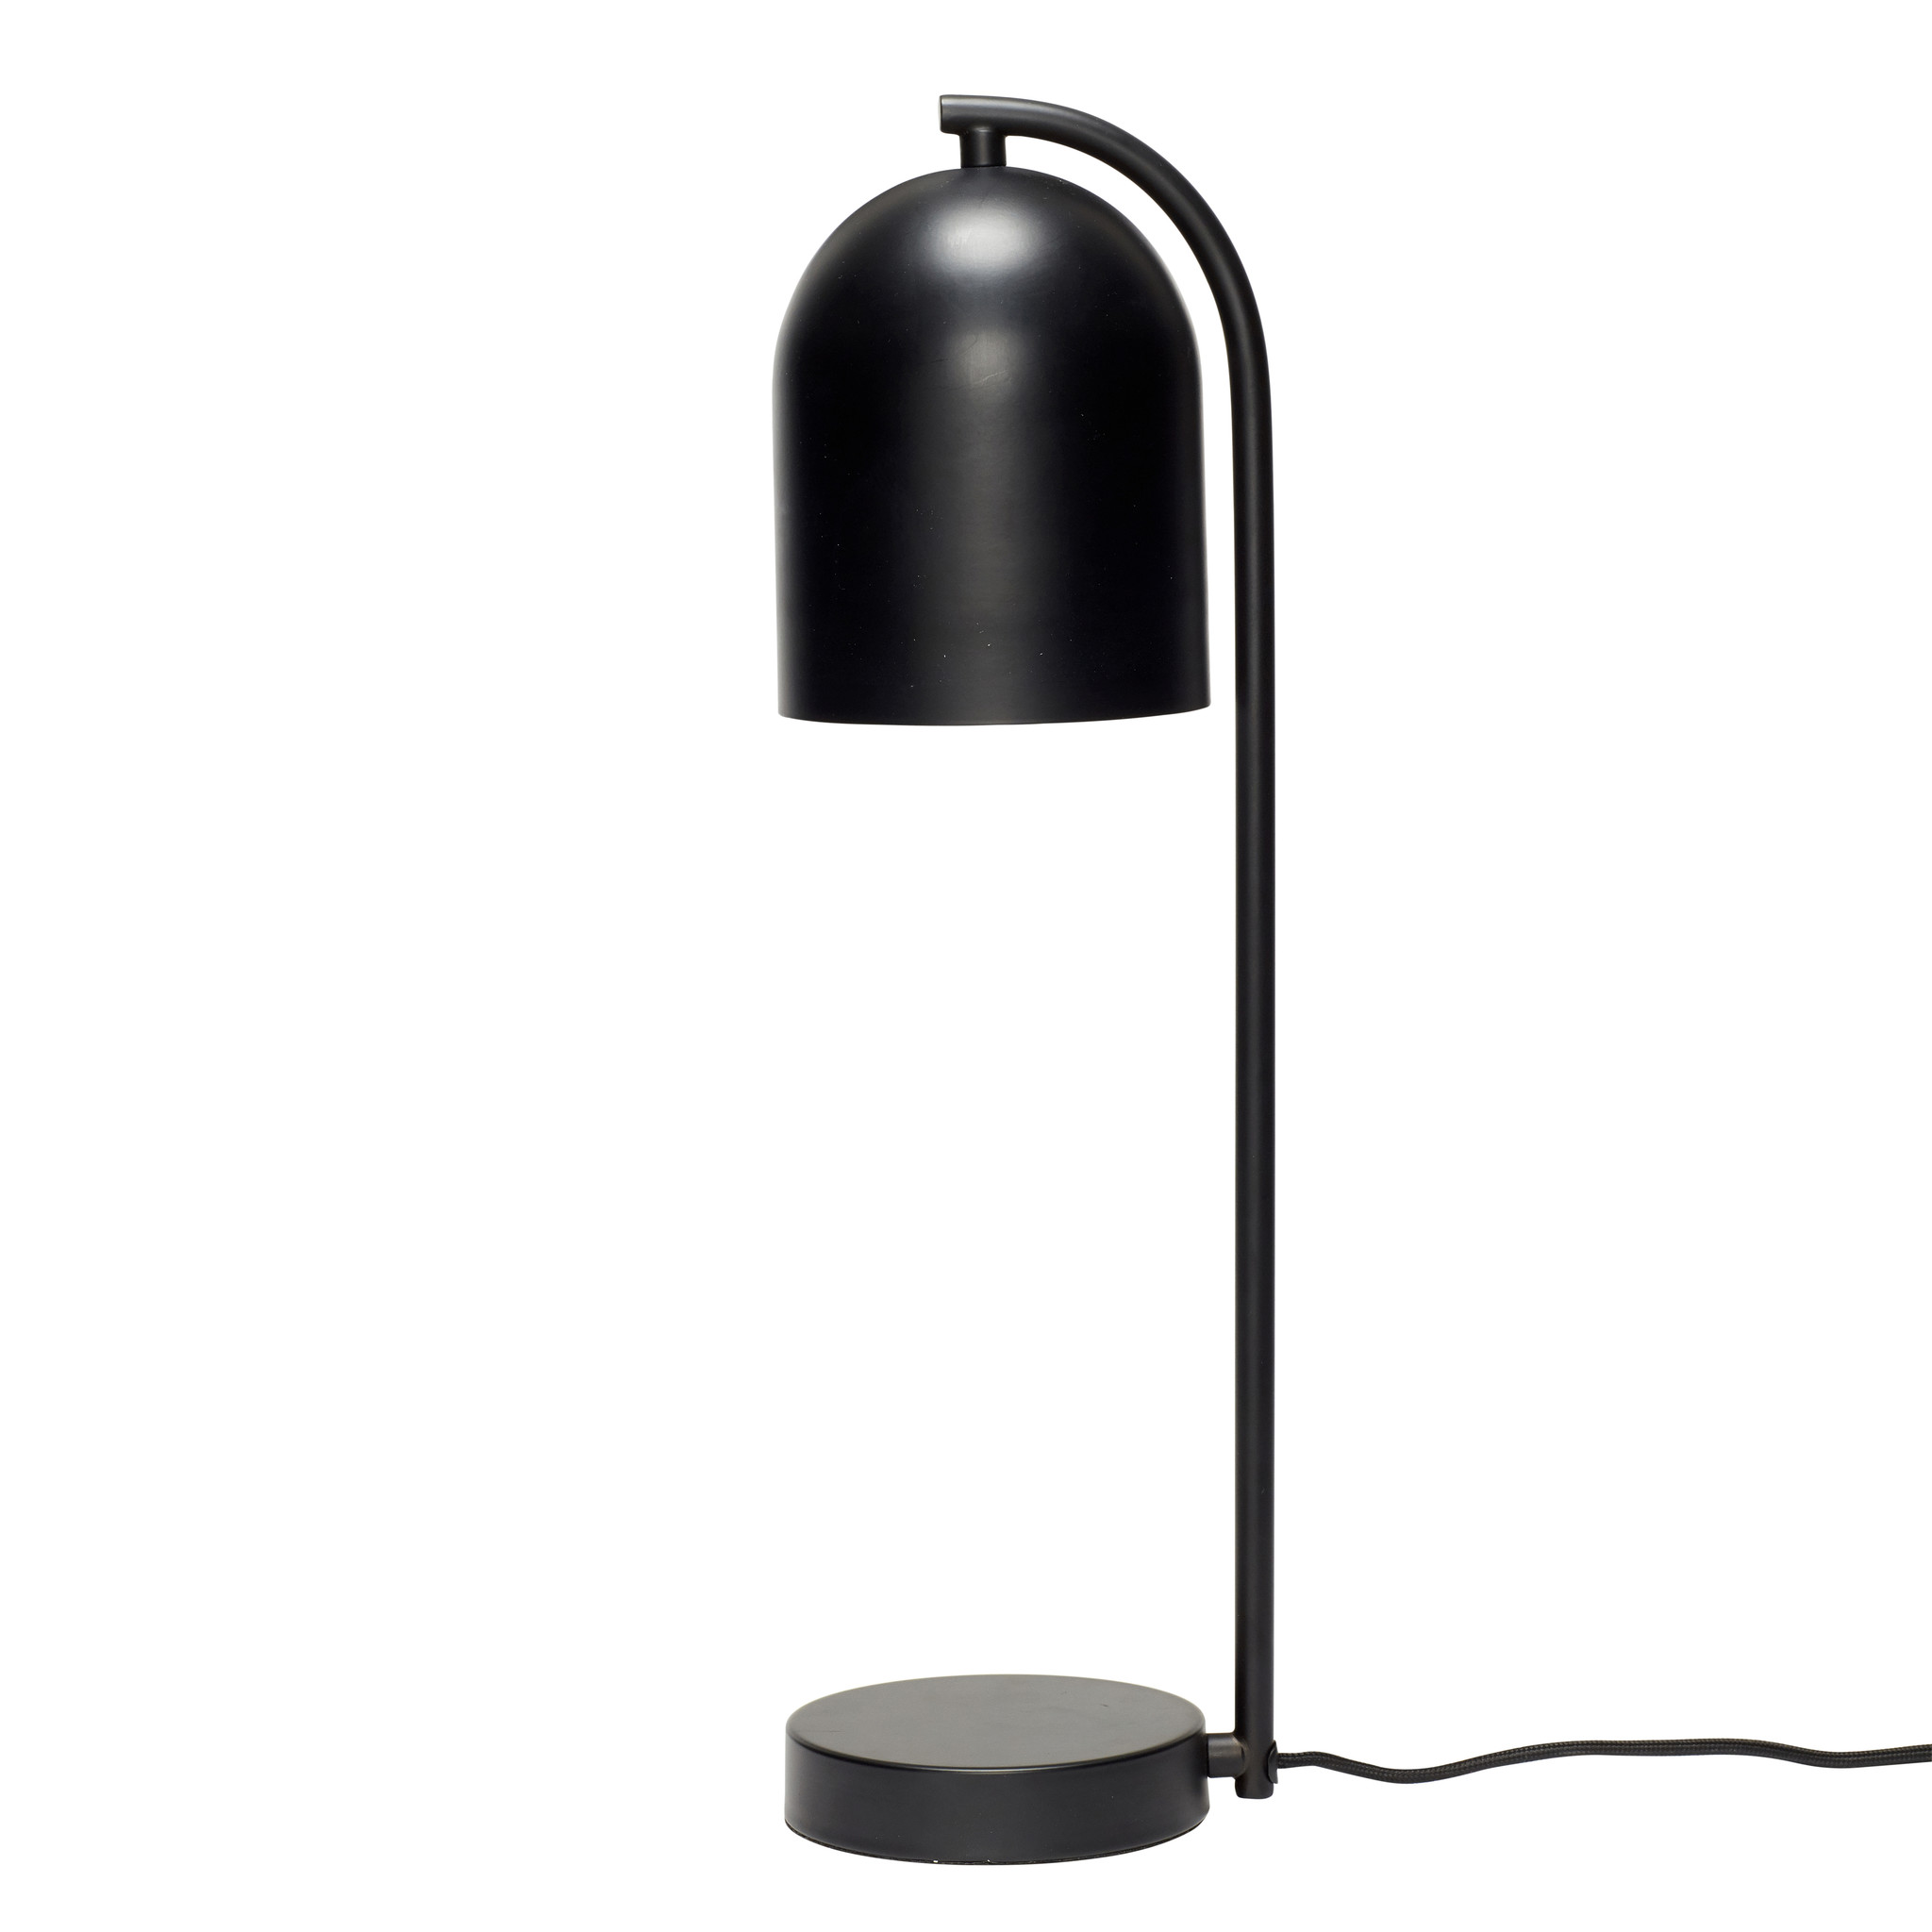 Hubsch Tafellamp, zwart-890551-5712772061985